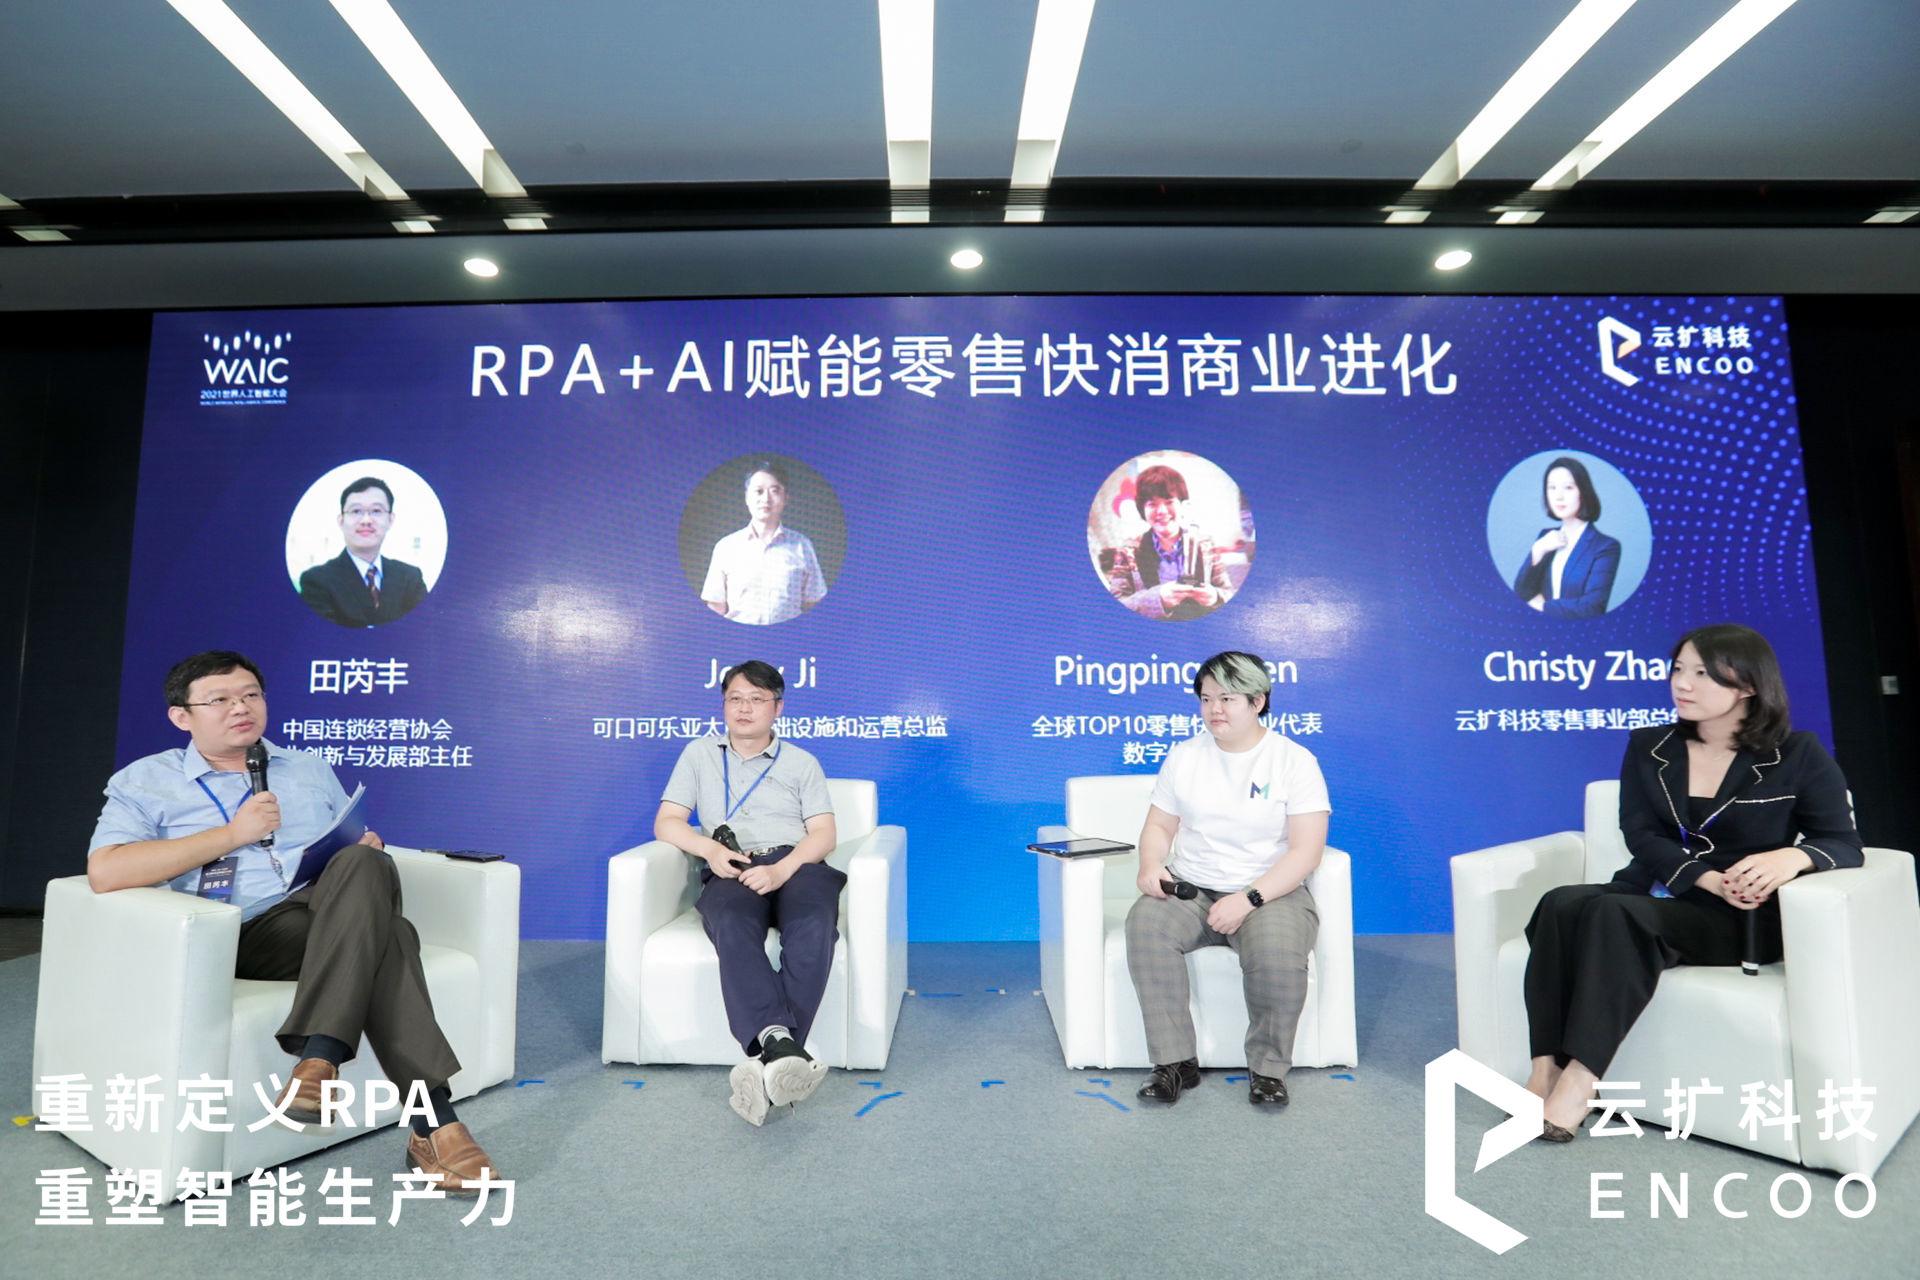 圆桌对话 | RPA+AI赋能零售快消商业进化